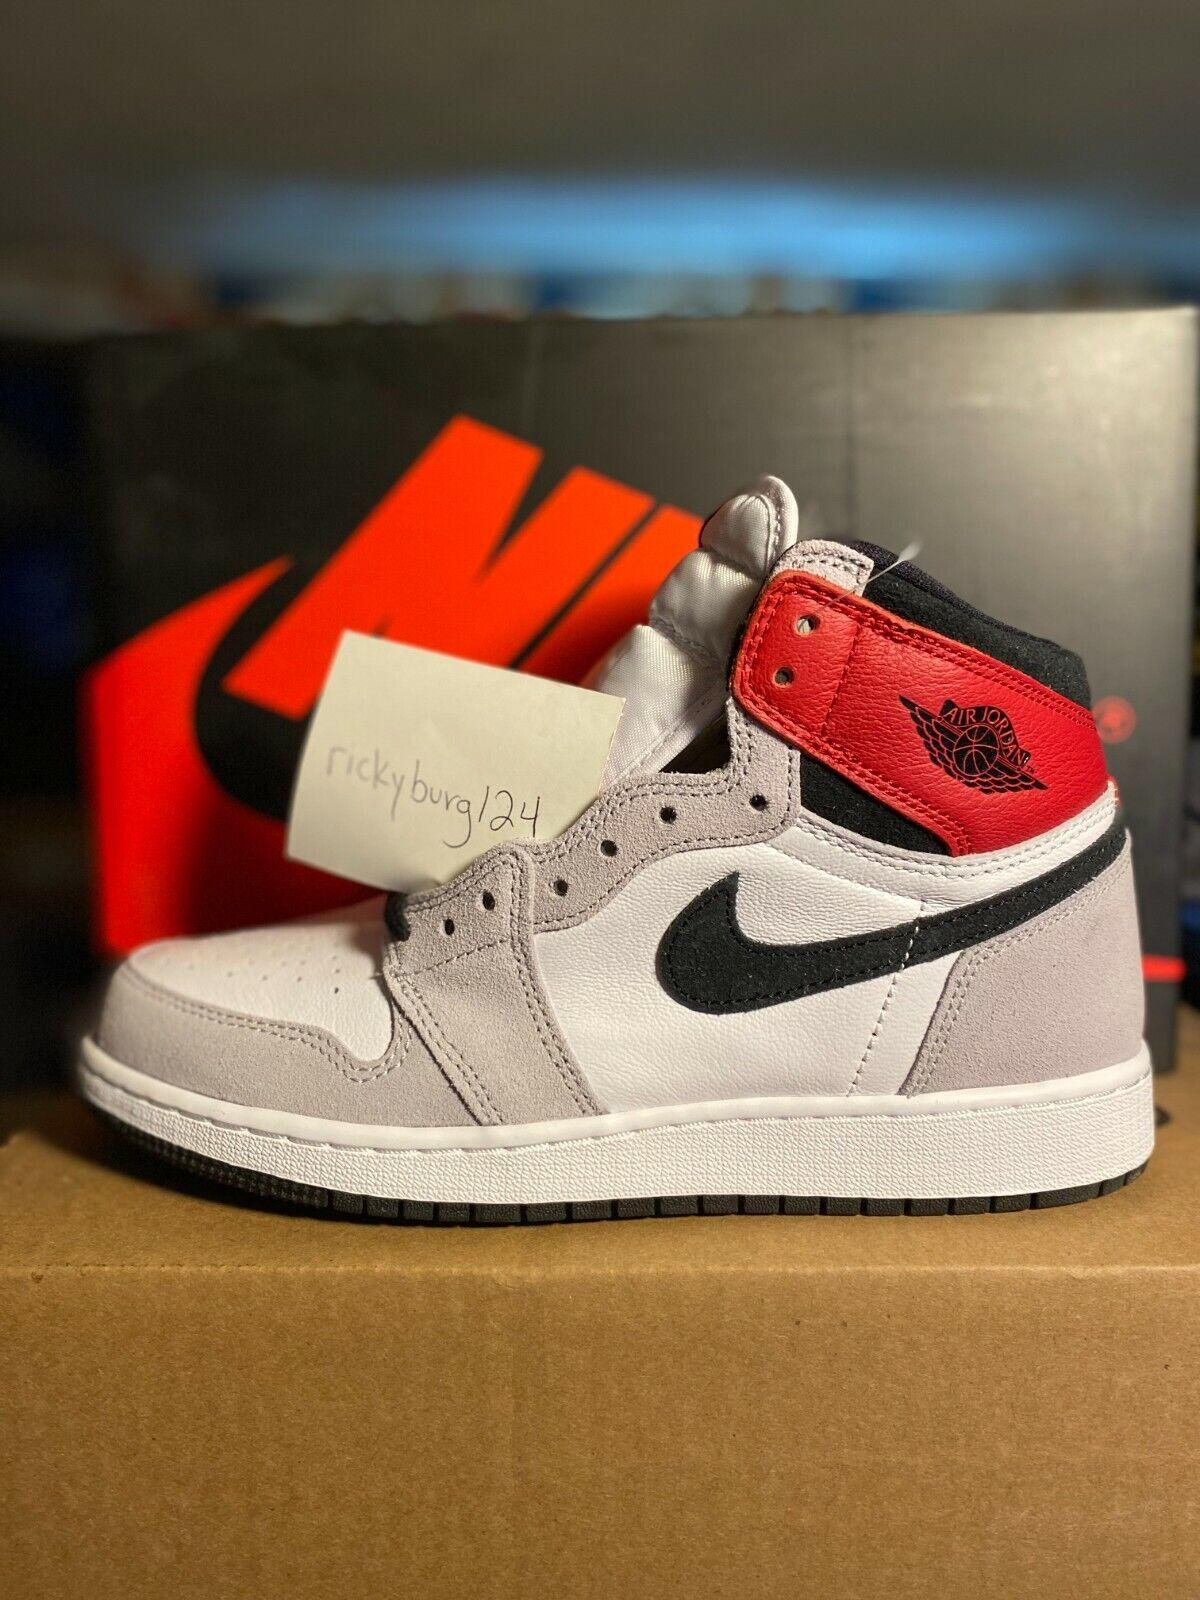 Jordan 1 Retro High Light Smoke Grey (GS) 575441-126 Size 5.5Y 6Y